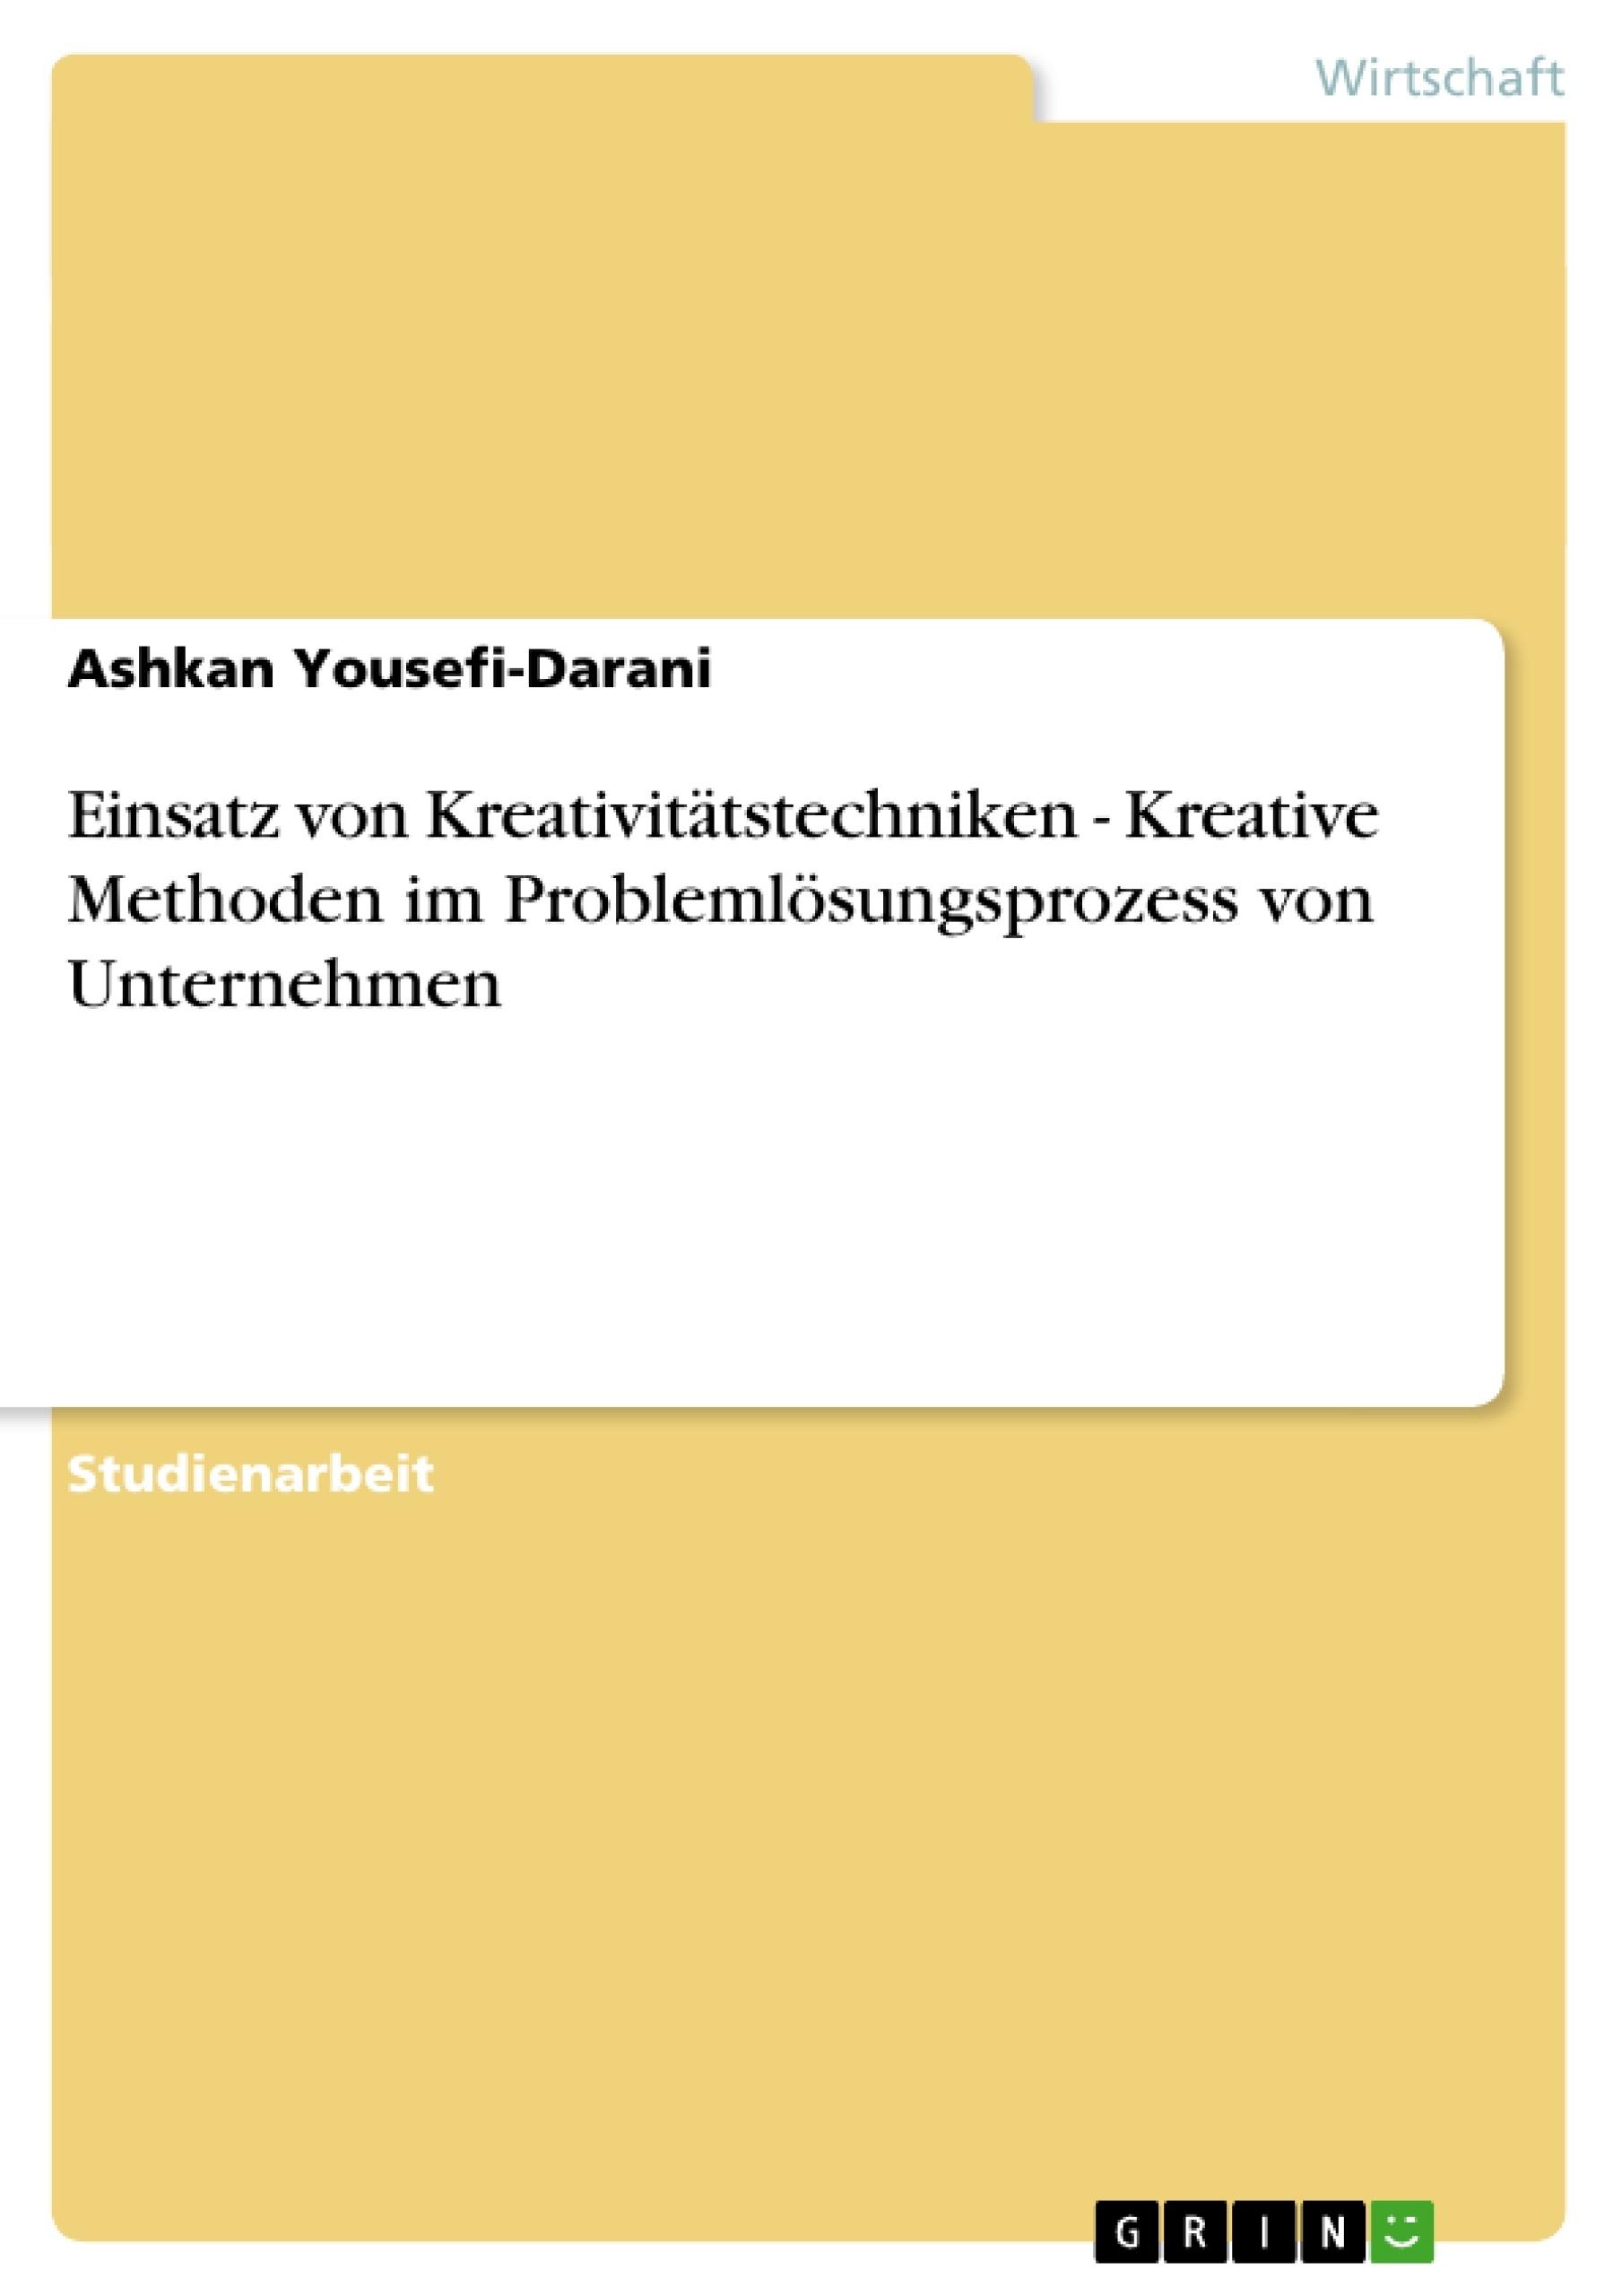 Titel: Einsatz von Kreativitätstechniken - Kreative Methoden im Problemlösungsprozess von Unternehmen